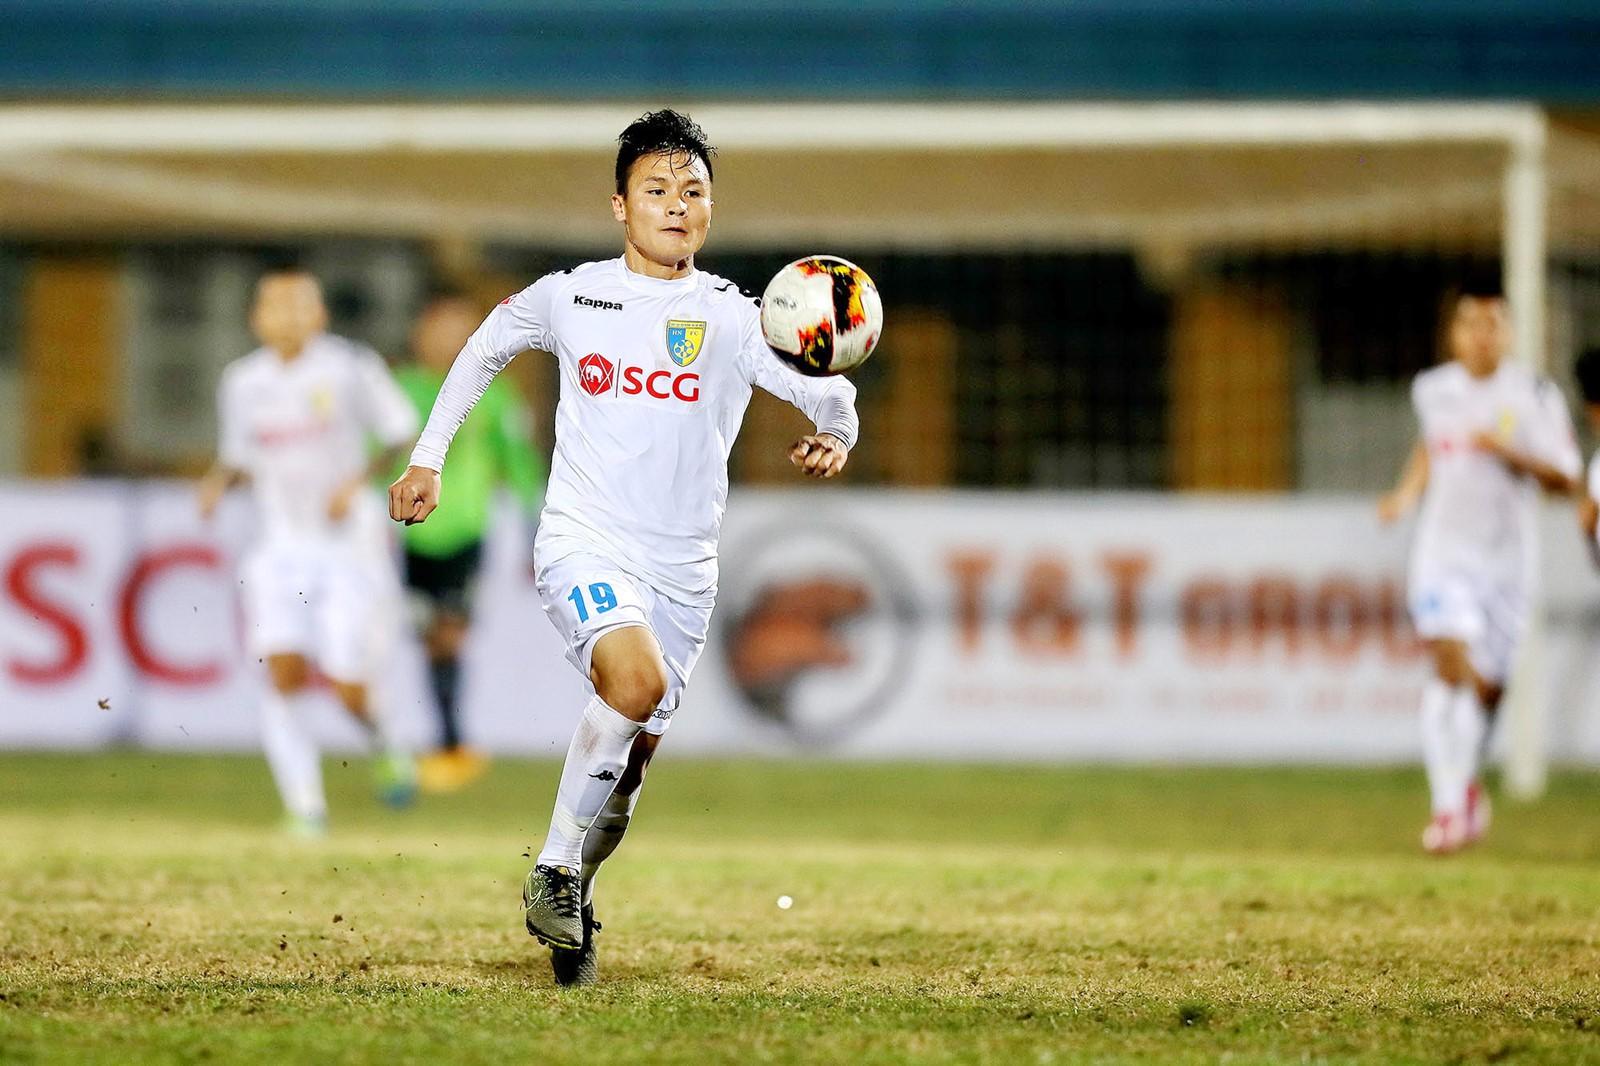 Quang Hải ghi bàn quá dễ, Hà Nội FC nối dài mạch trận bất bại kỷ lục - Ảnh 3.